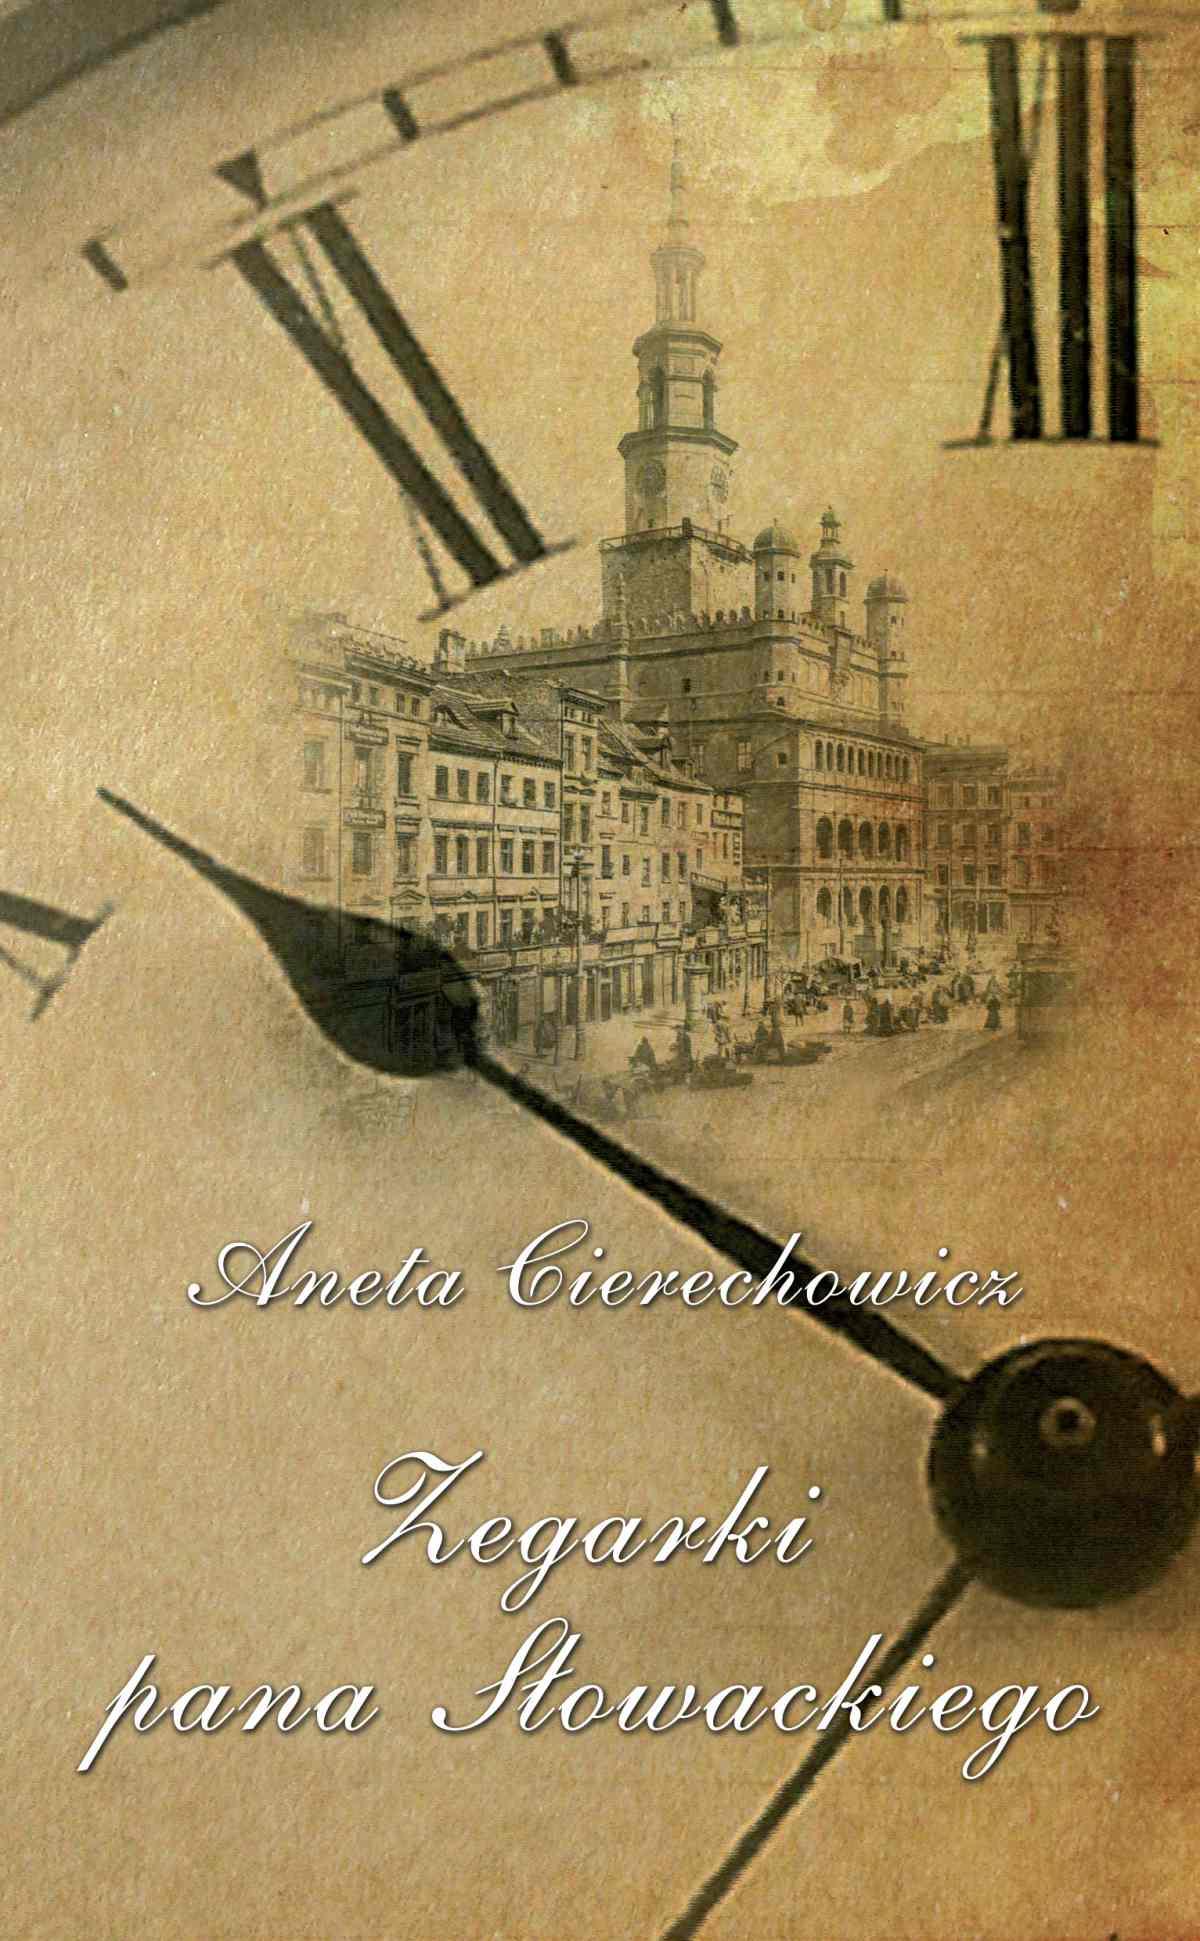 Zegarki Pana Słowackiego - Ebook (Książka EPUB) do pobrania w formacie EPUB